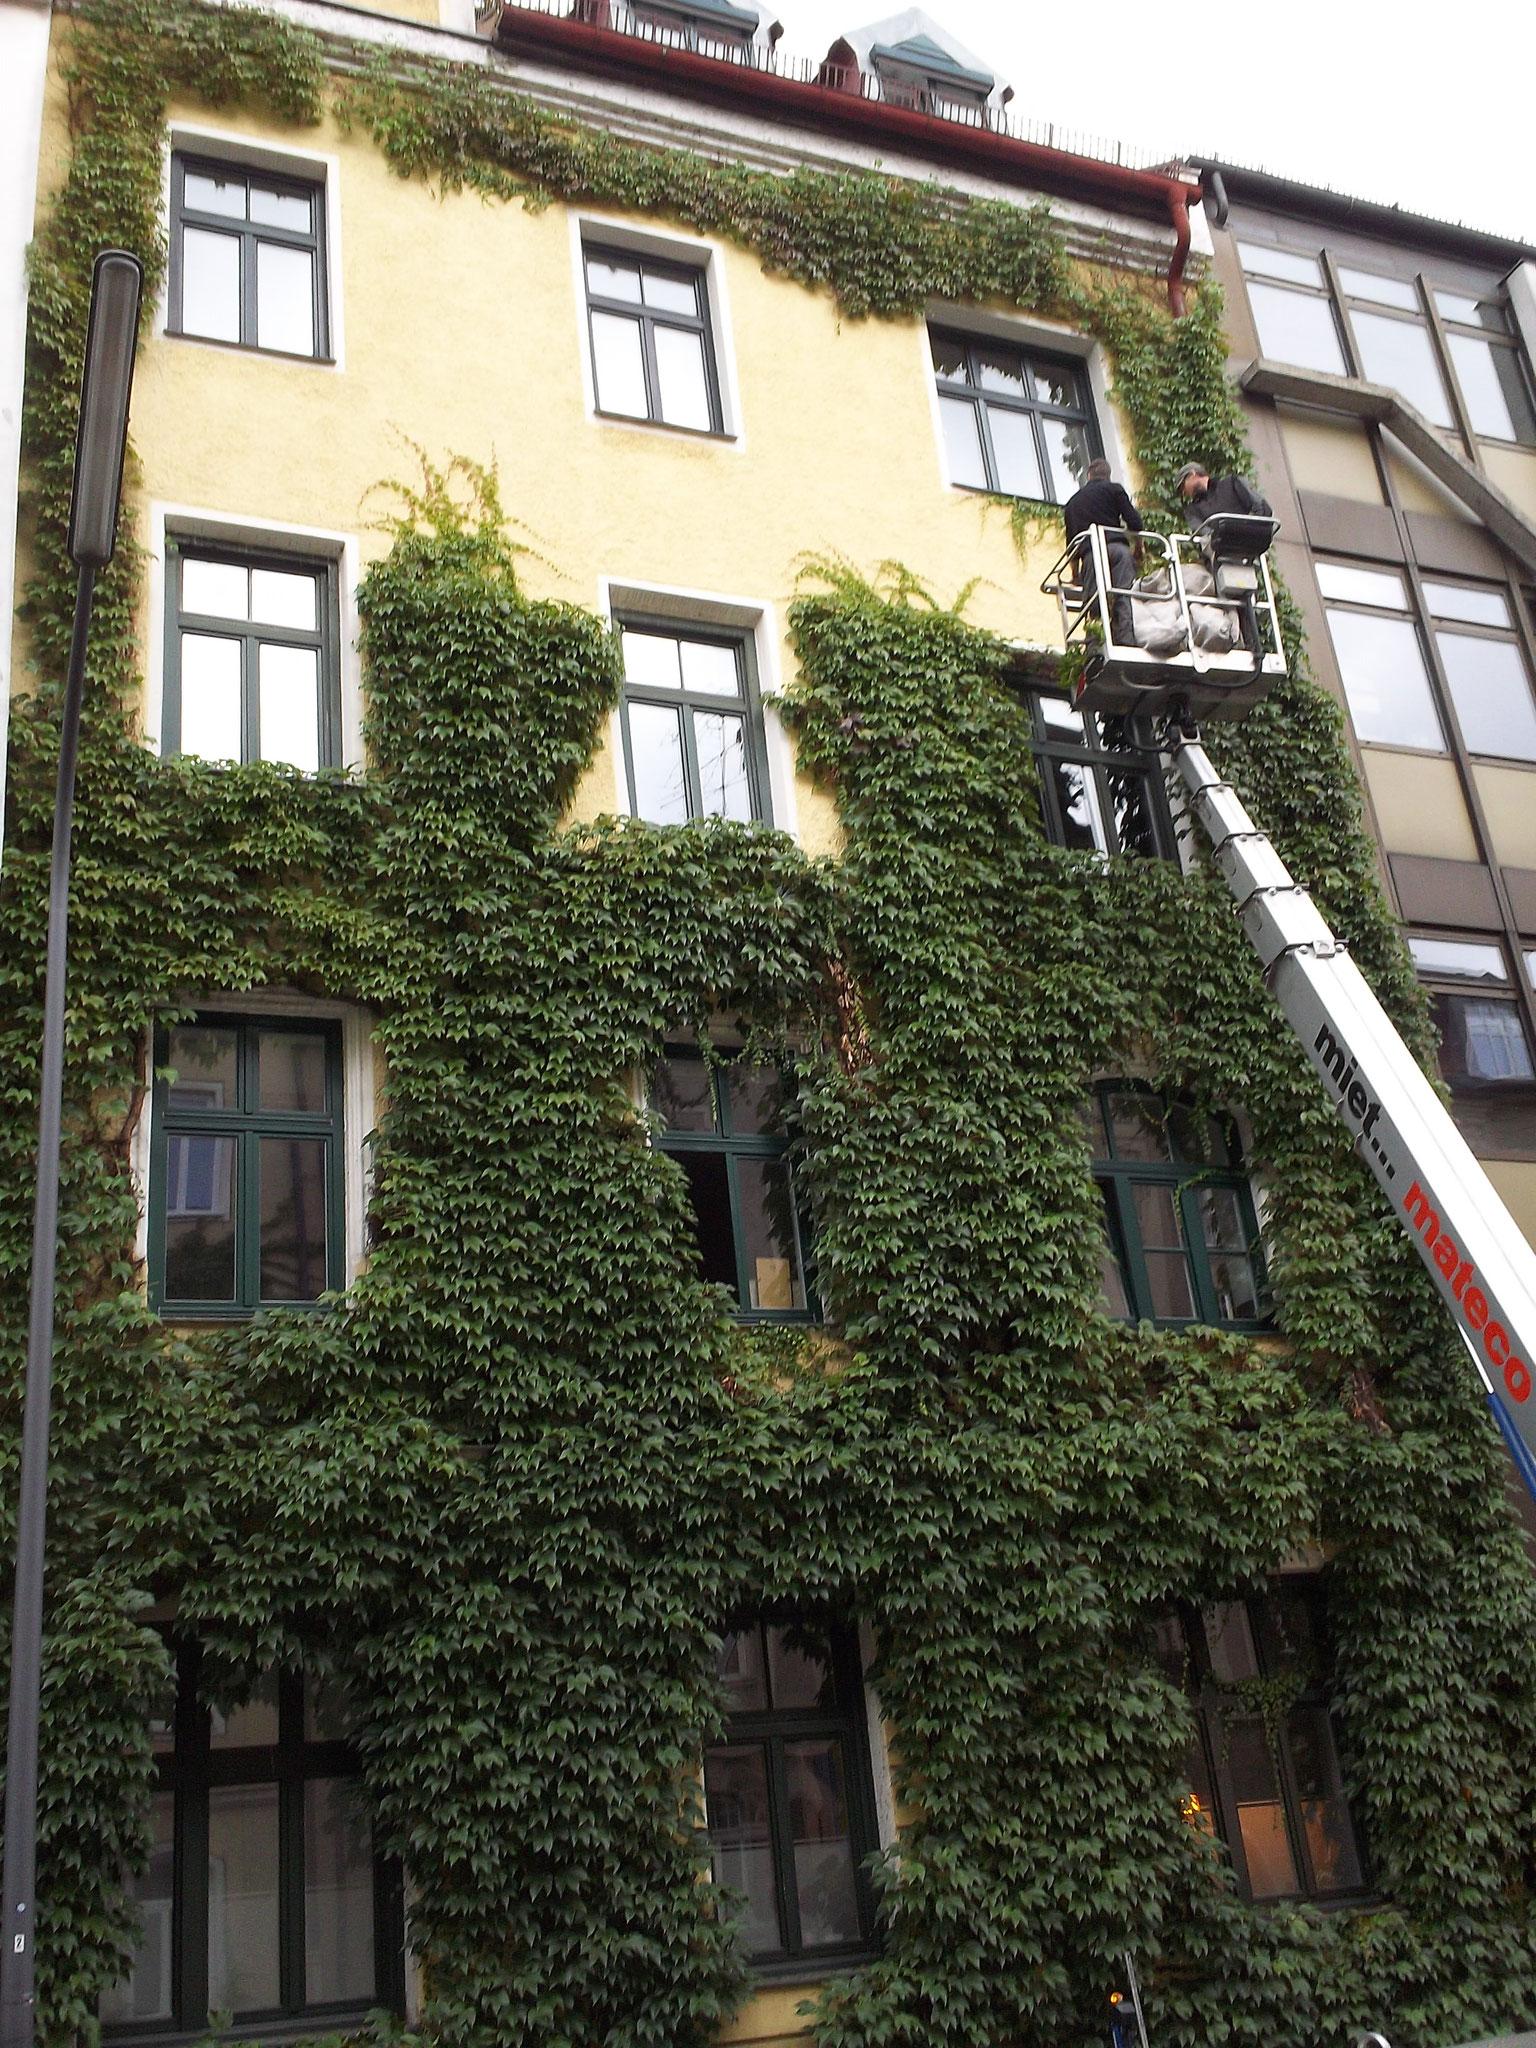 Rückschnitt von Wein an Hausfassade in München